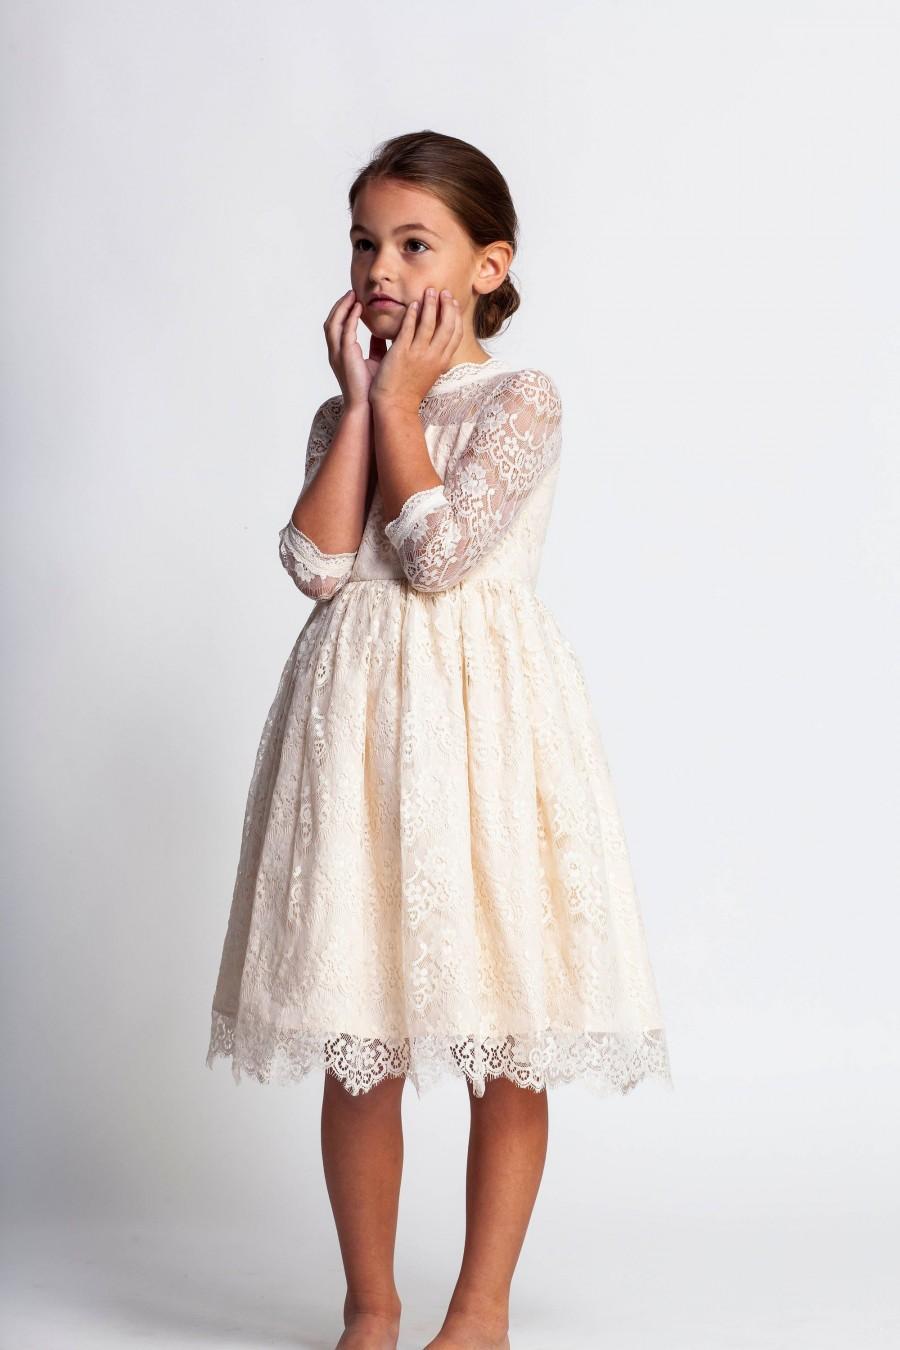 Wedding - Cream flower girl dress,ivory lace dress,junior bridesmaid dress,formal girls dress,Easter dresses,toddler girls dress,first communion dress